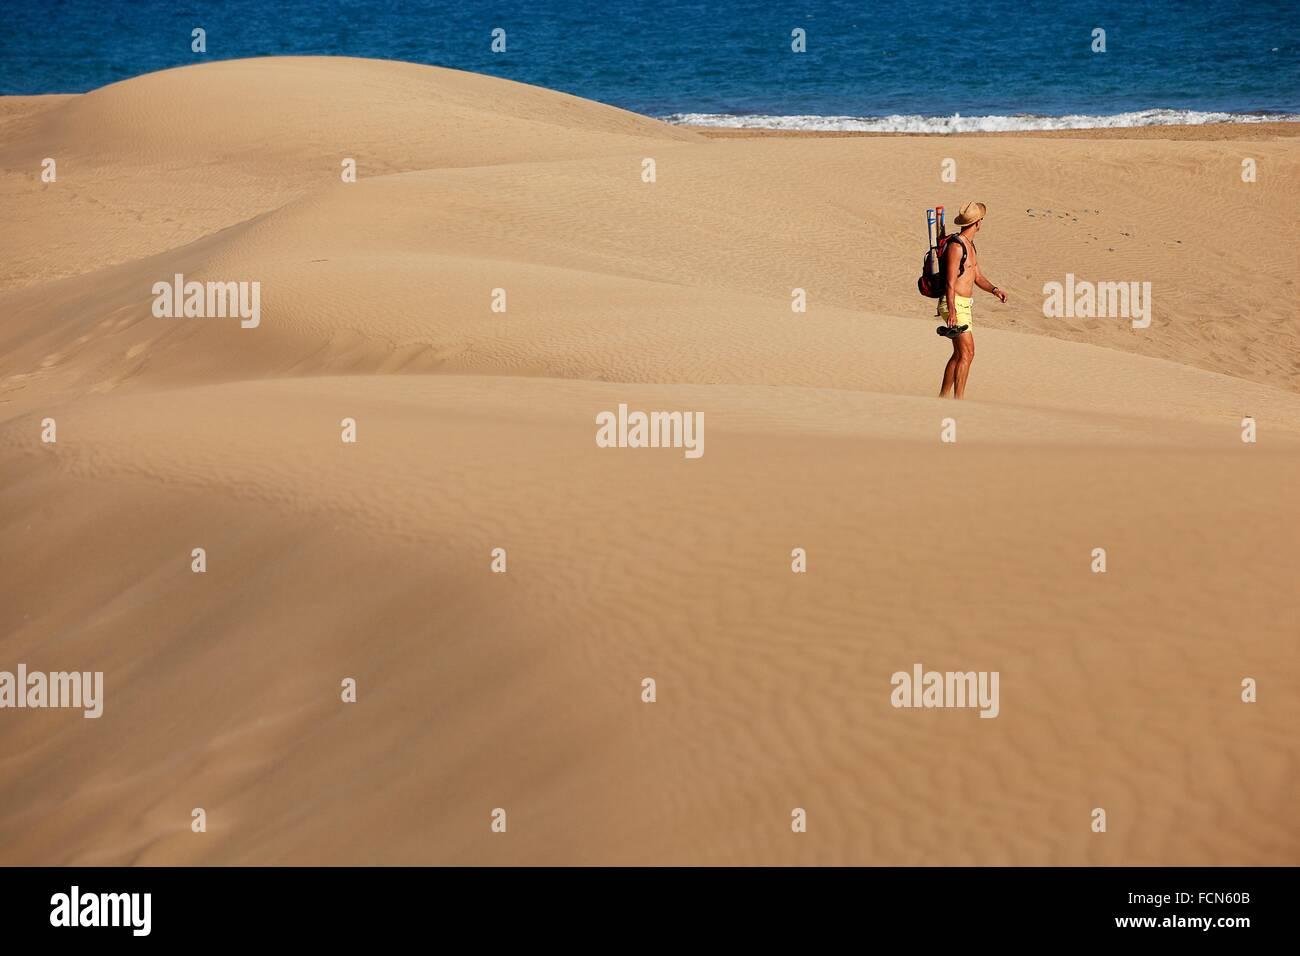 Au Tourisme Les Dunes De Sable Maspalomas Gran Canaria Iles Canaries Espagne